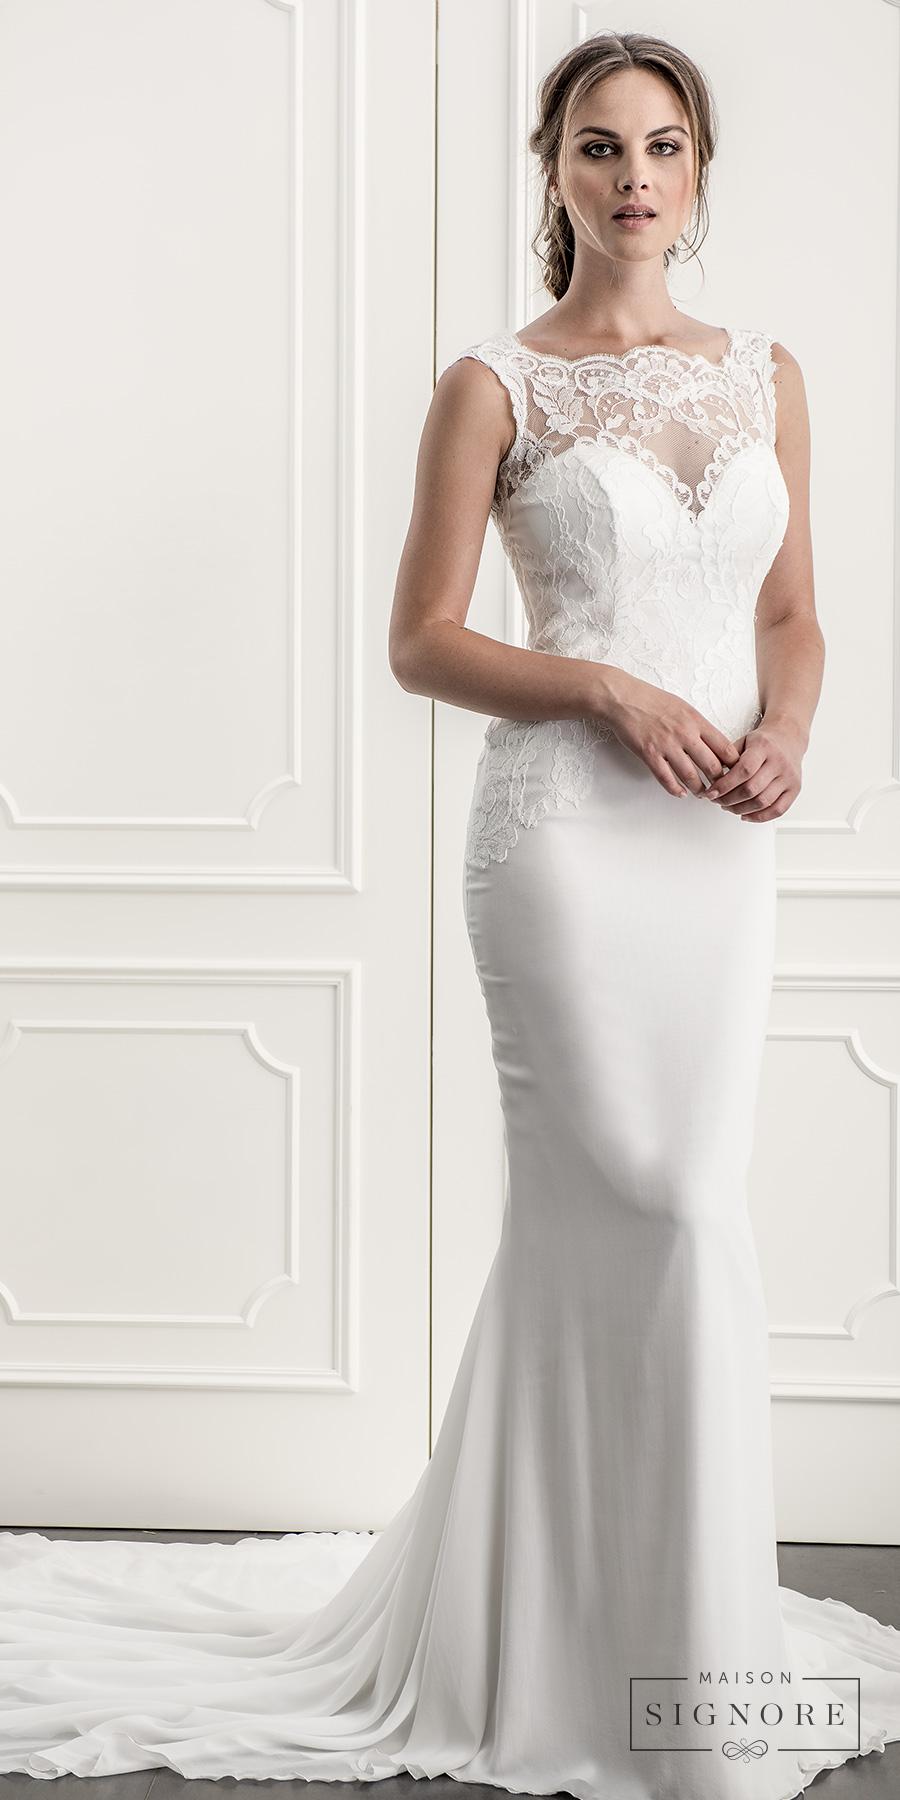 maison signore 2017 bridal sleeveless illusion bateau sweetheart neckline heavily embellished bodice elegant sheath wedding dress open v back chapel train (bailee) mv